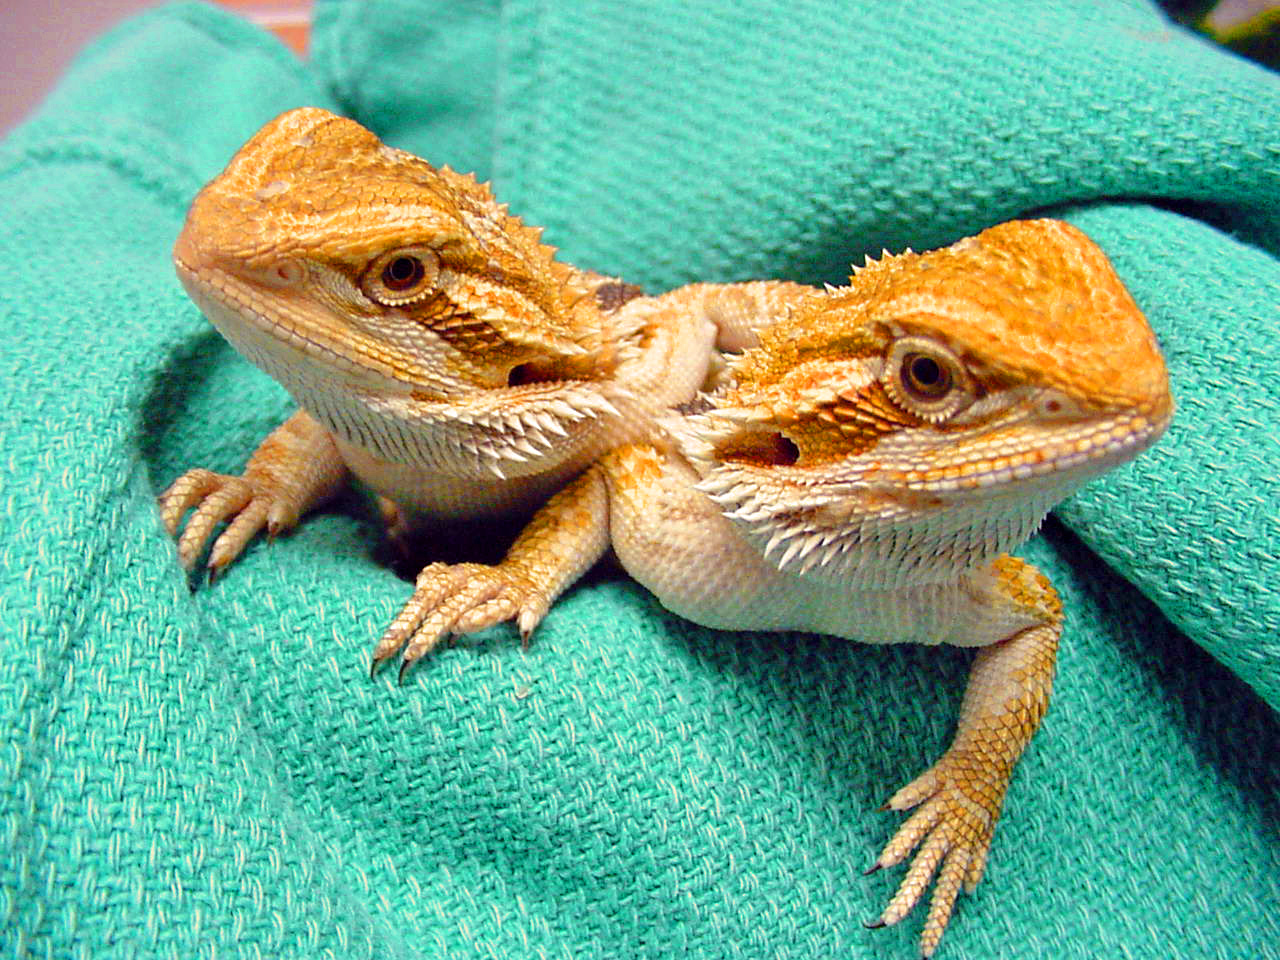 Reptile Diseases